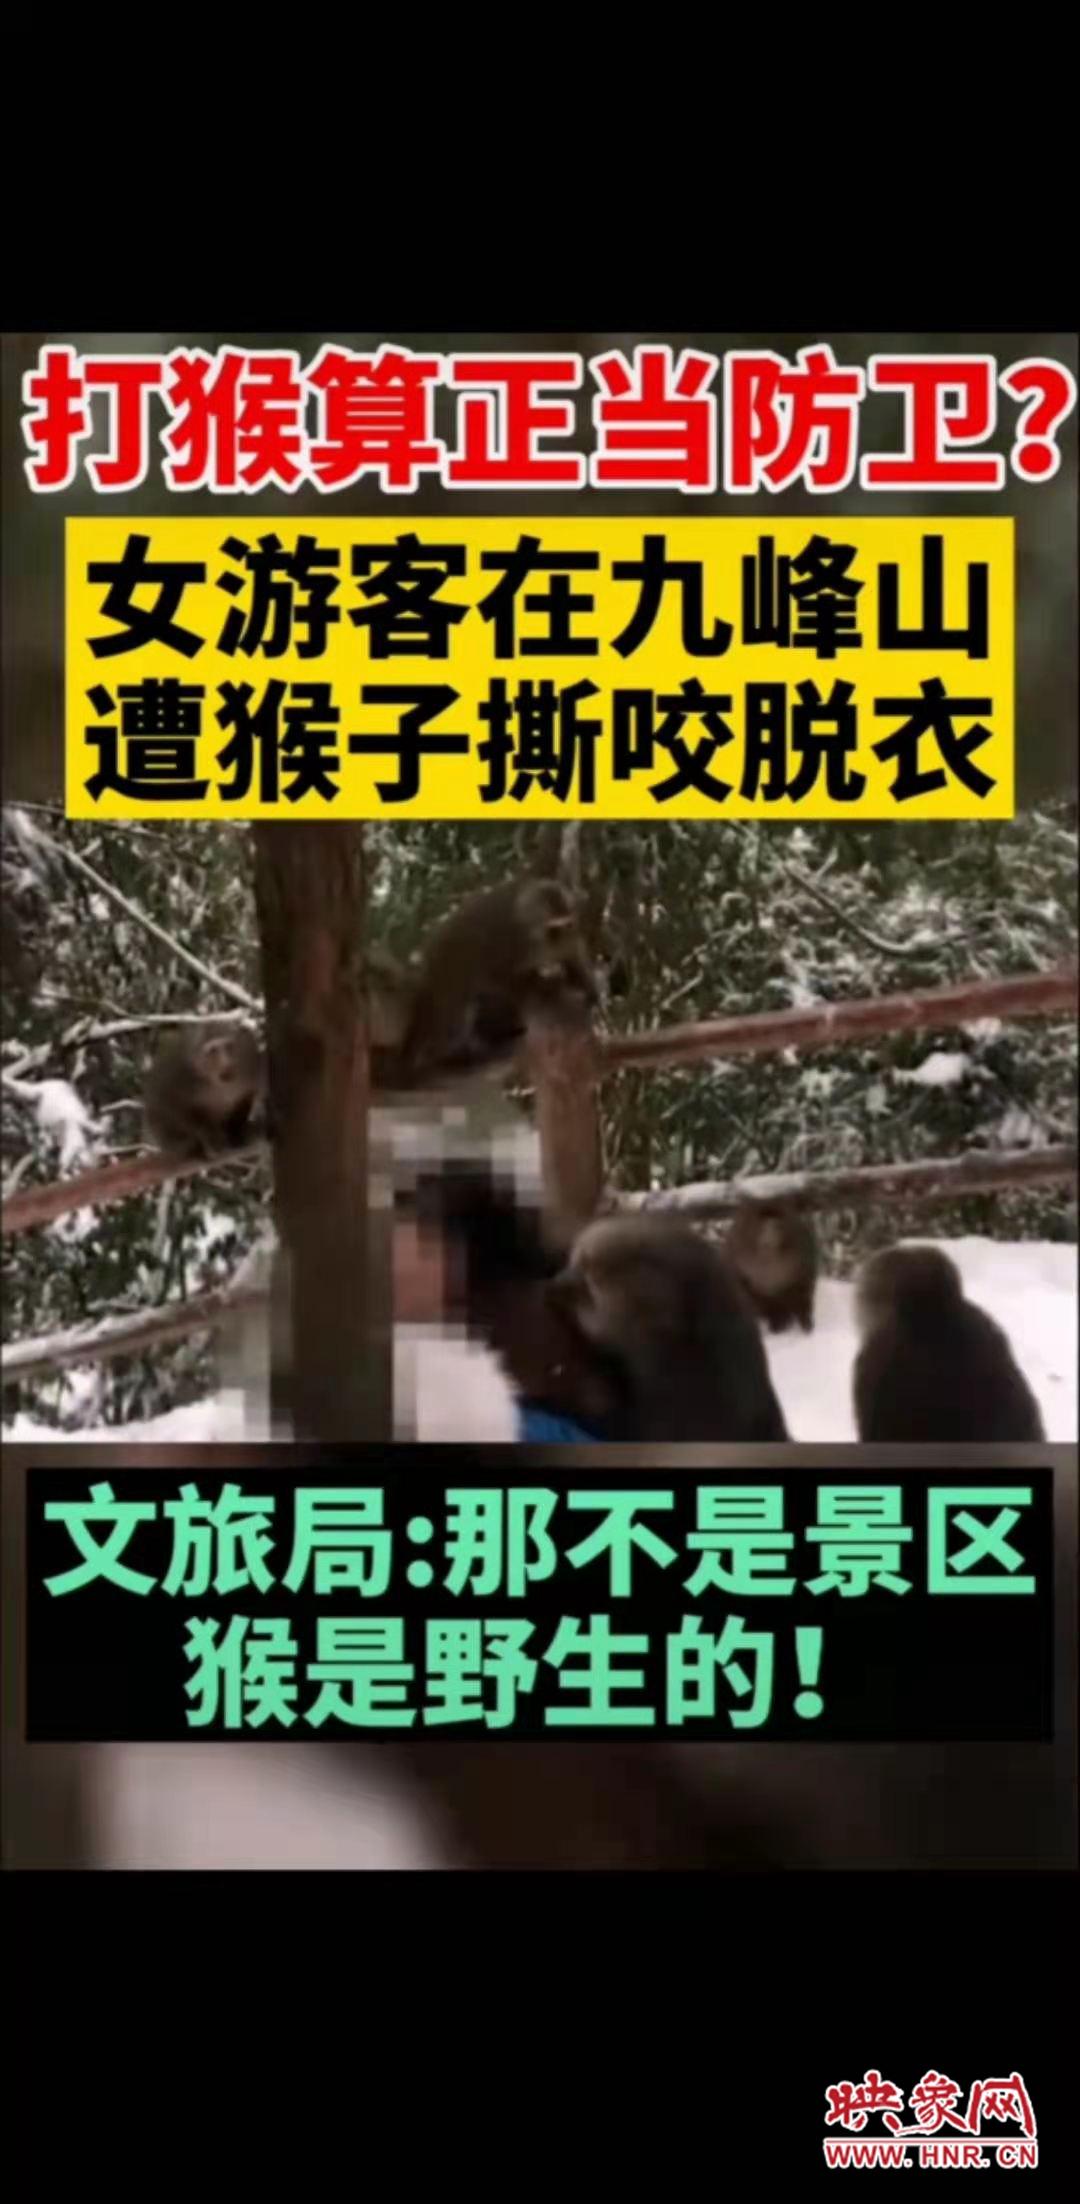 网传女游客遭九峰山猴子撕咬?汝州景区释疑:非本地九峰山